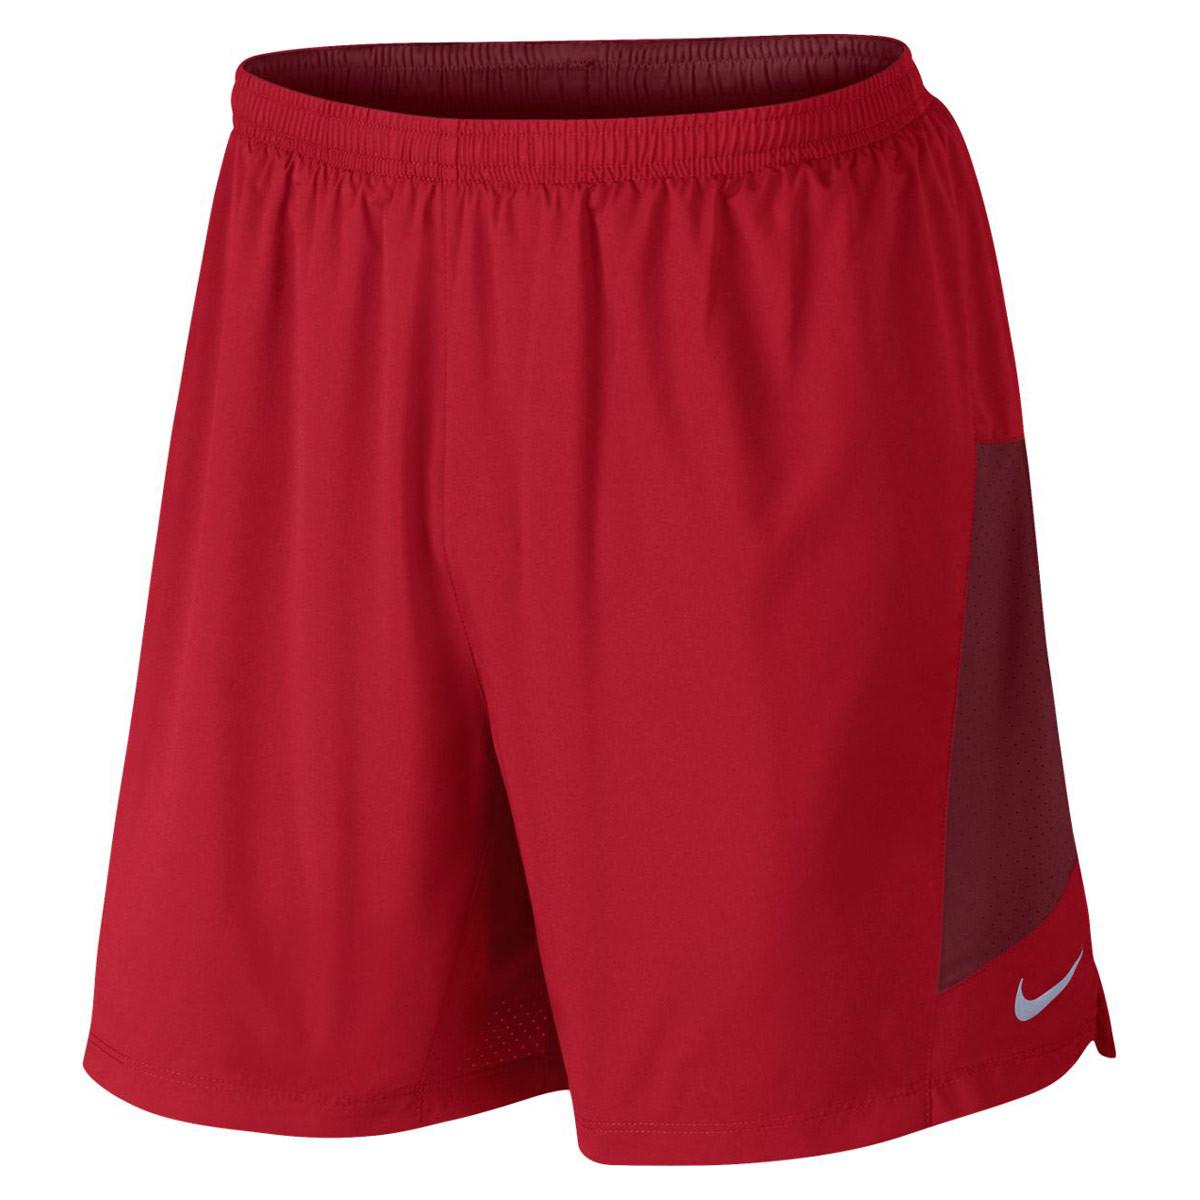 6d58f1d3a Nike 7